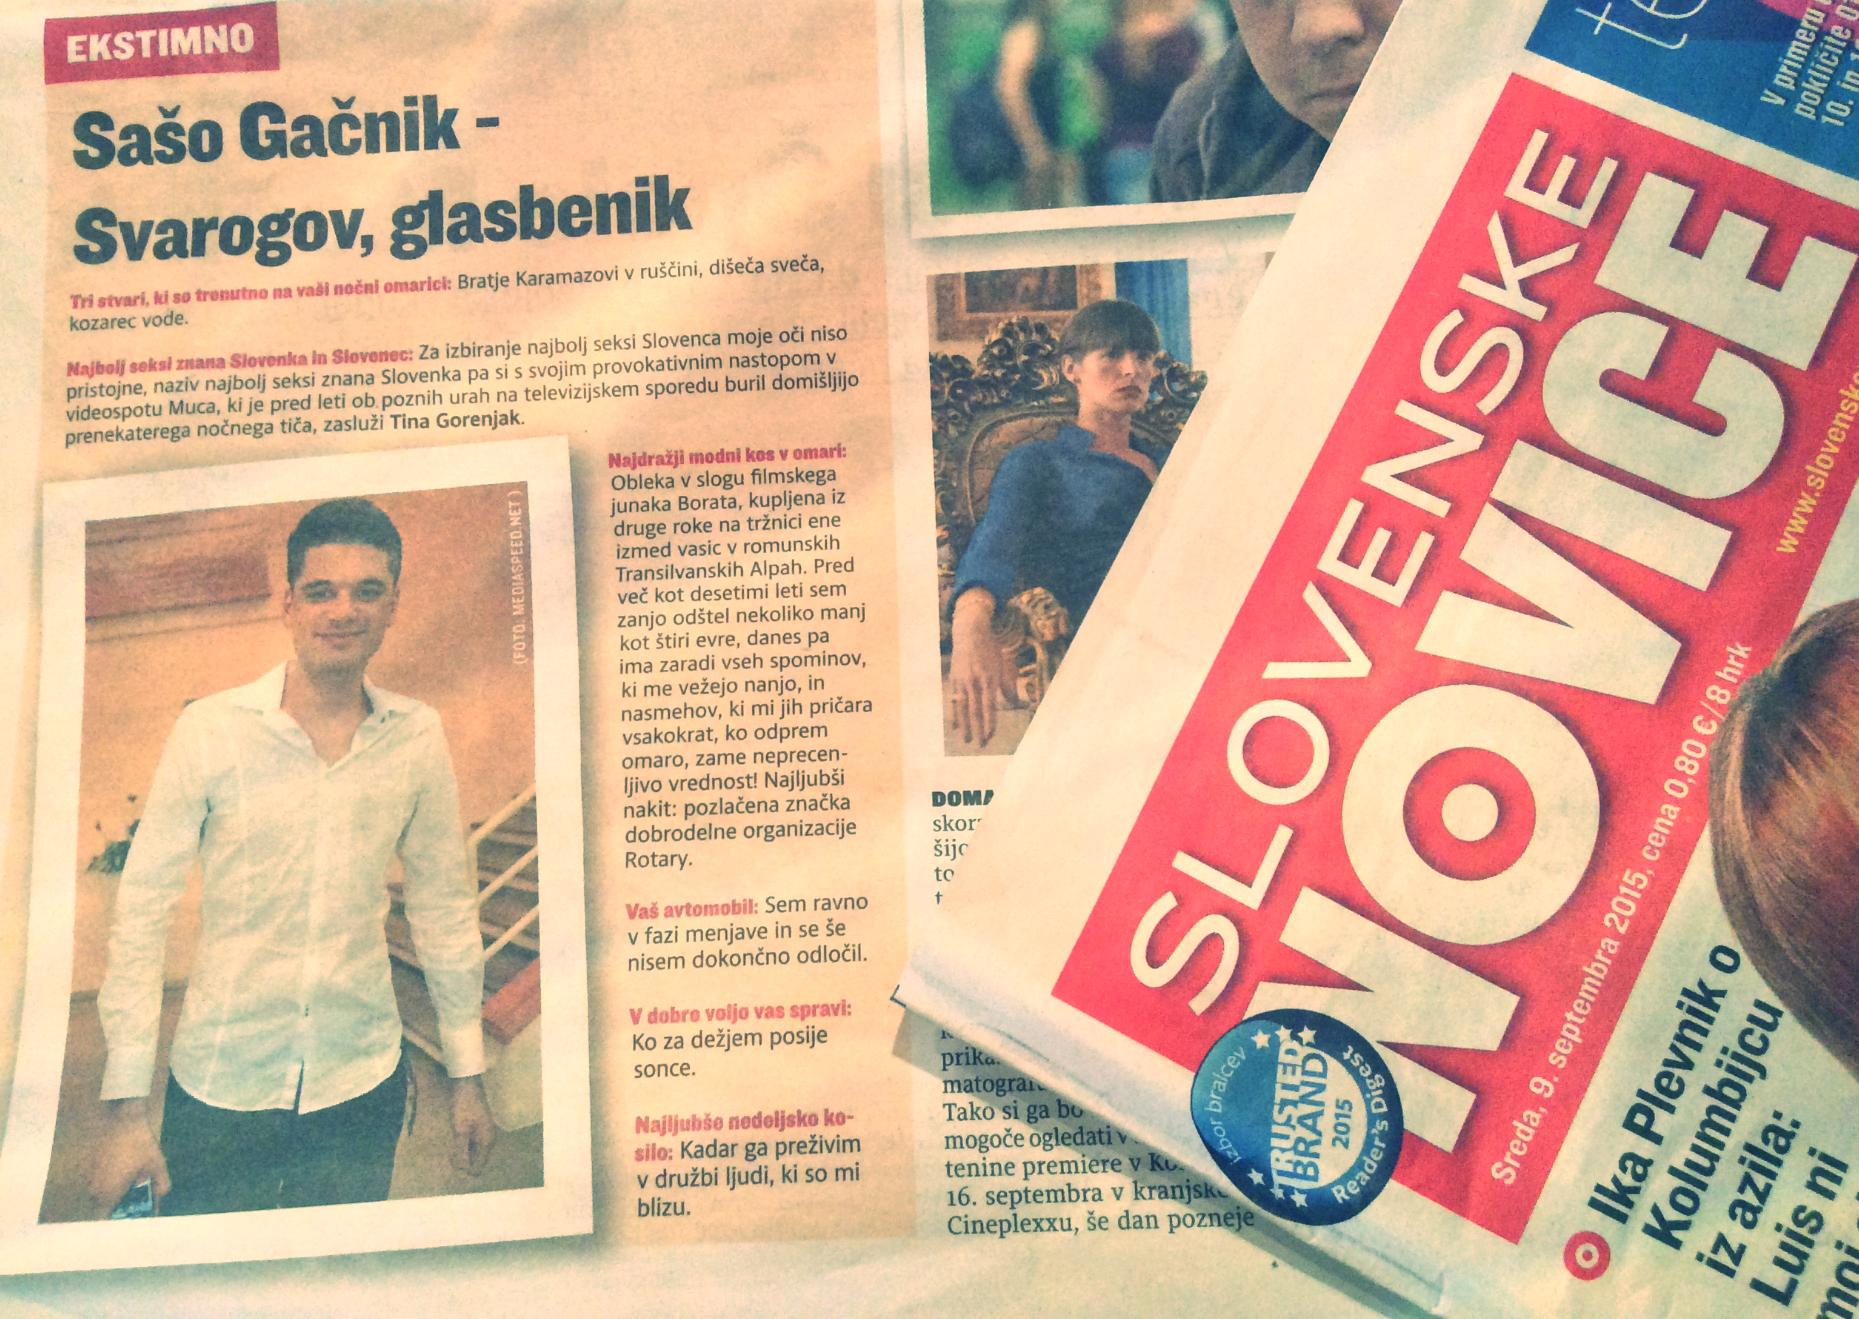 Slovenske Novice - Bulvar (9.9.2015)